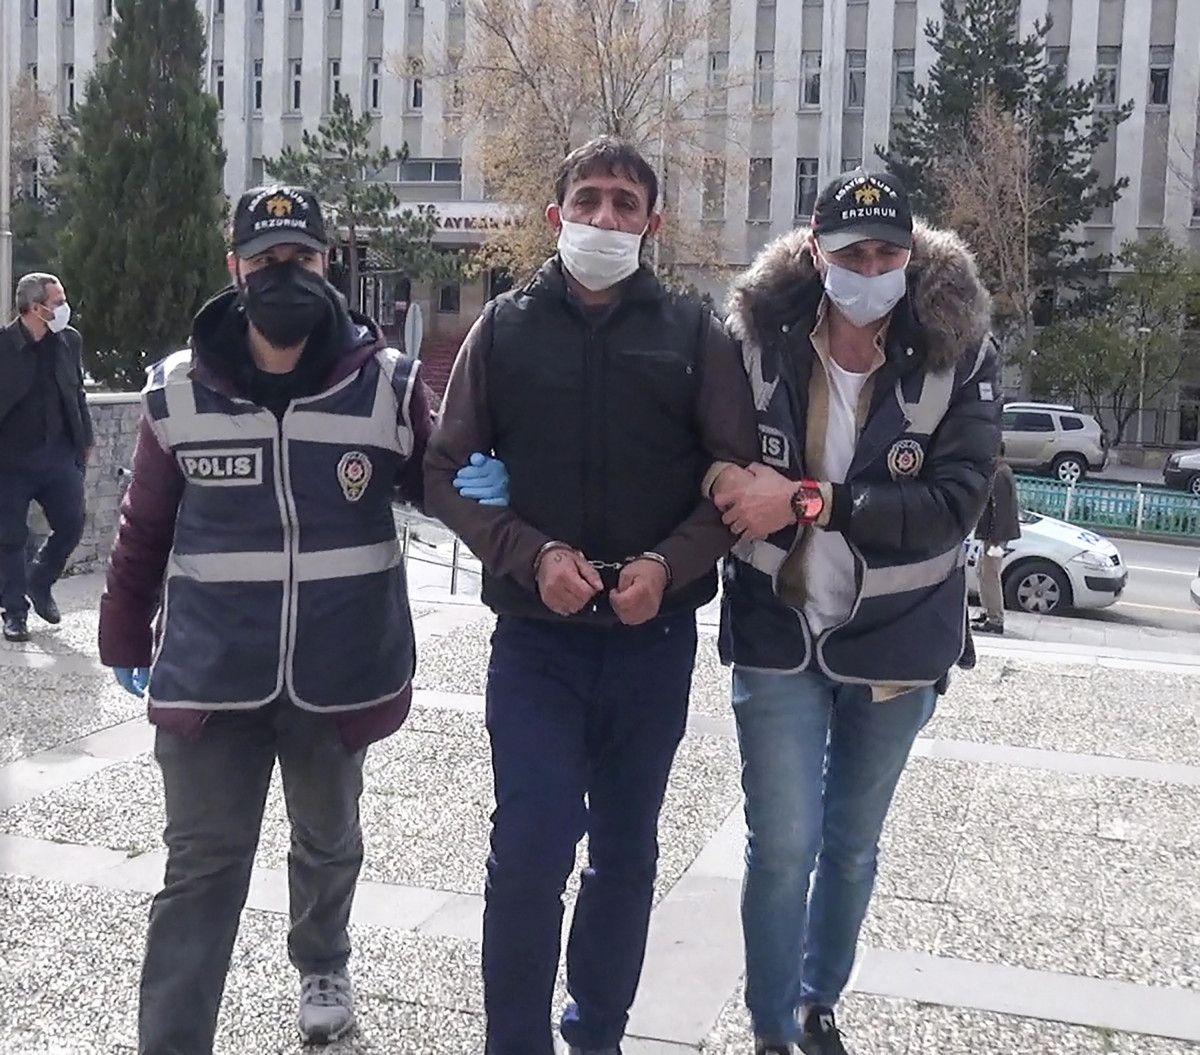 Erzurum da gözü dönen şahıs, kızını 24 bıçak darbesiyle yaraladı #10